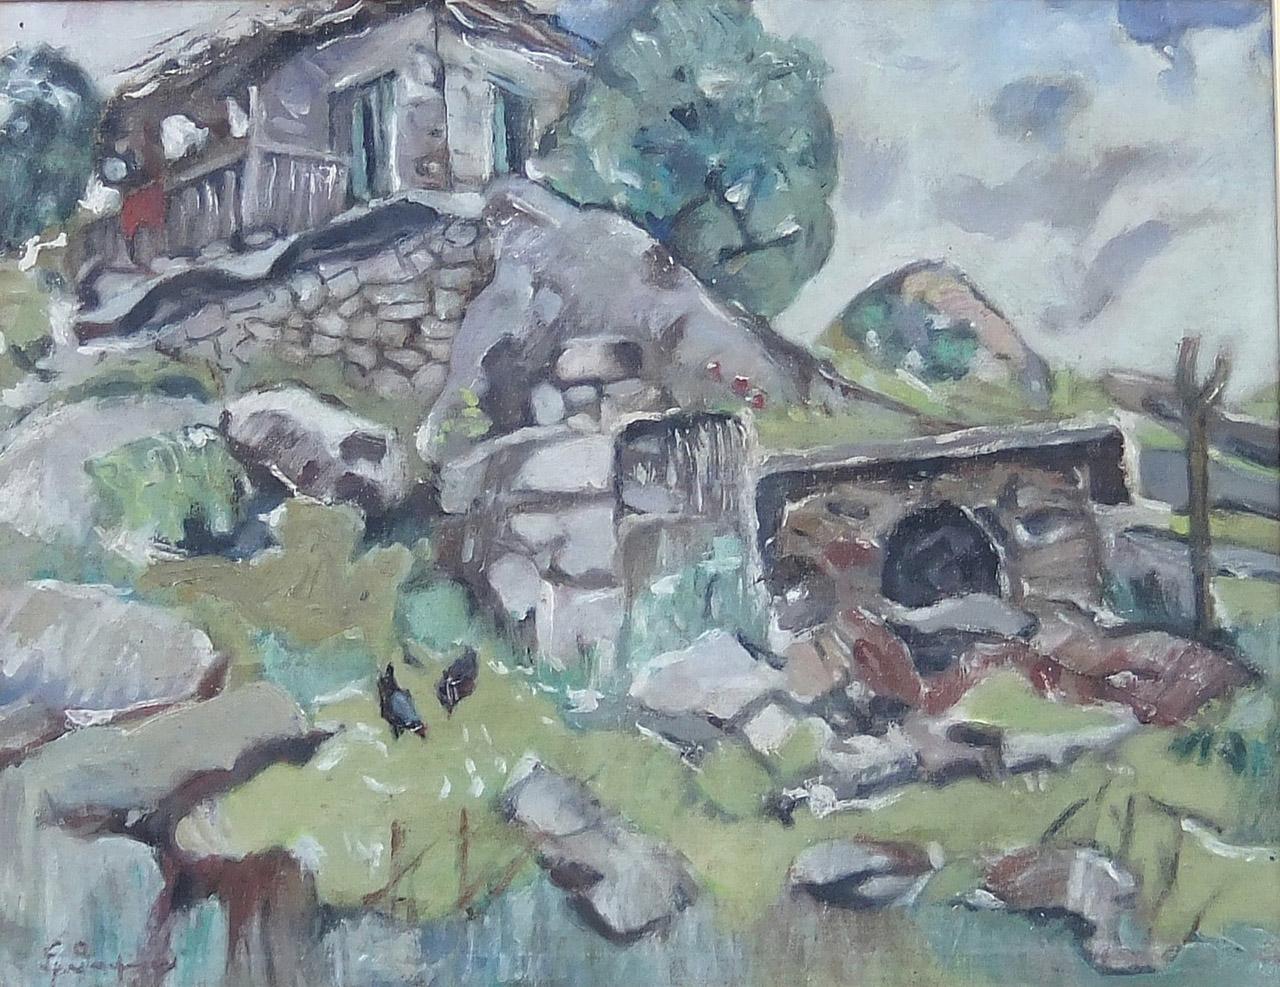 051. ΘΩΜΟΠΟΥΛΟΣ Επαμεινώνδας  (1878 – 1974)